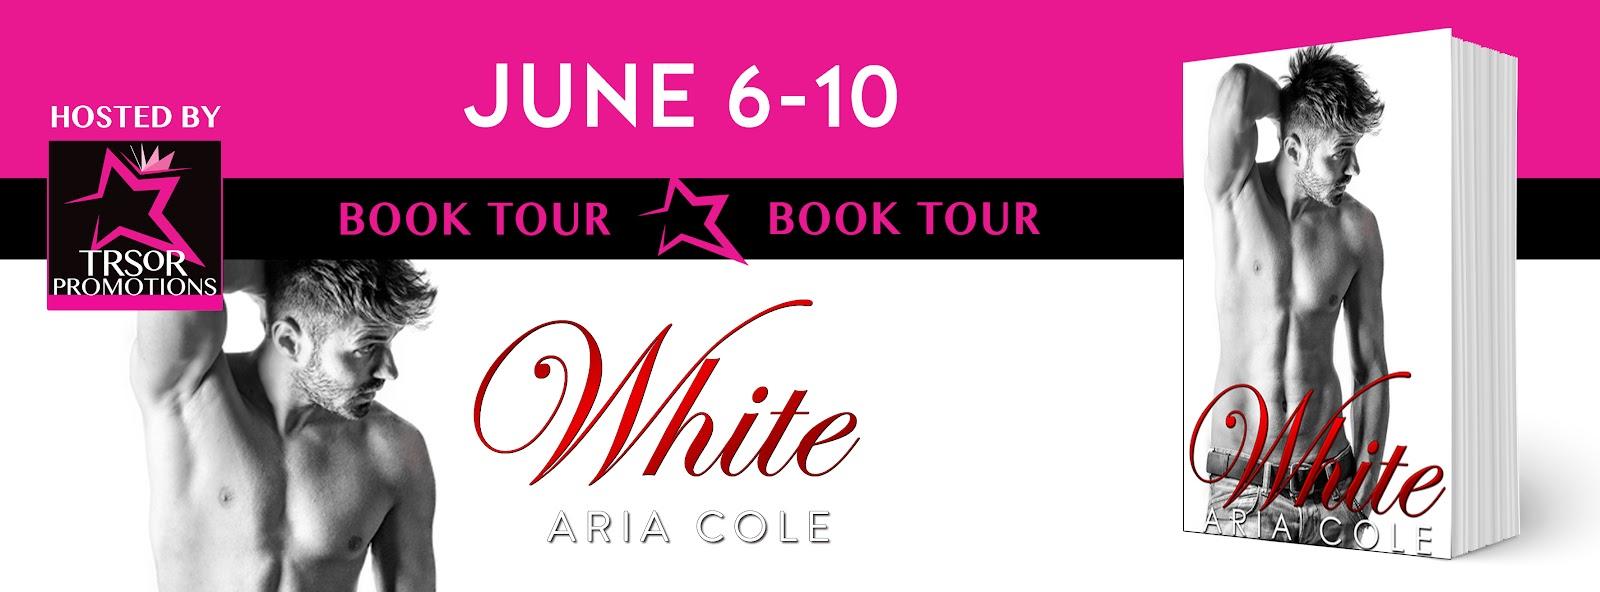 WHITE_BOOK_TOUR.jpg